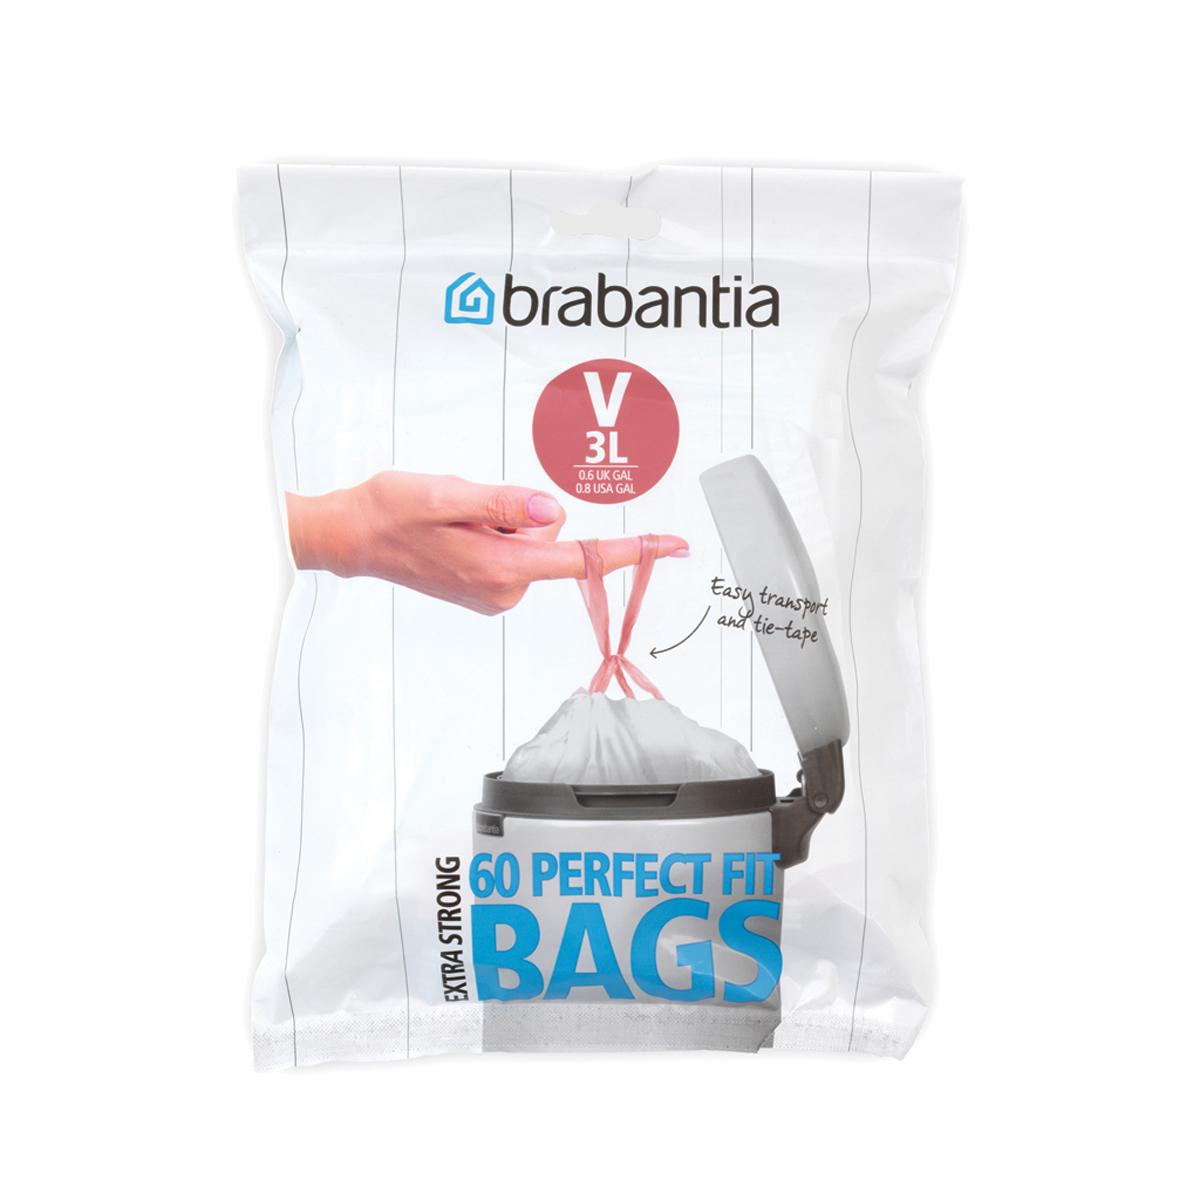 Мешки для мусора Brabantia  V , цвет: белый, 3 л, 60 шт -  Инвентарь для уборки